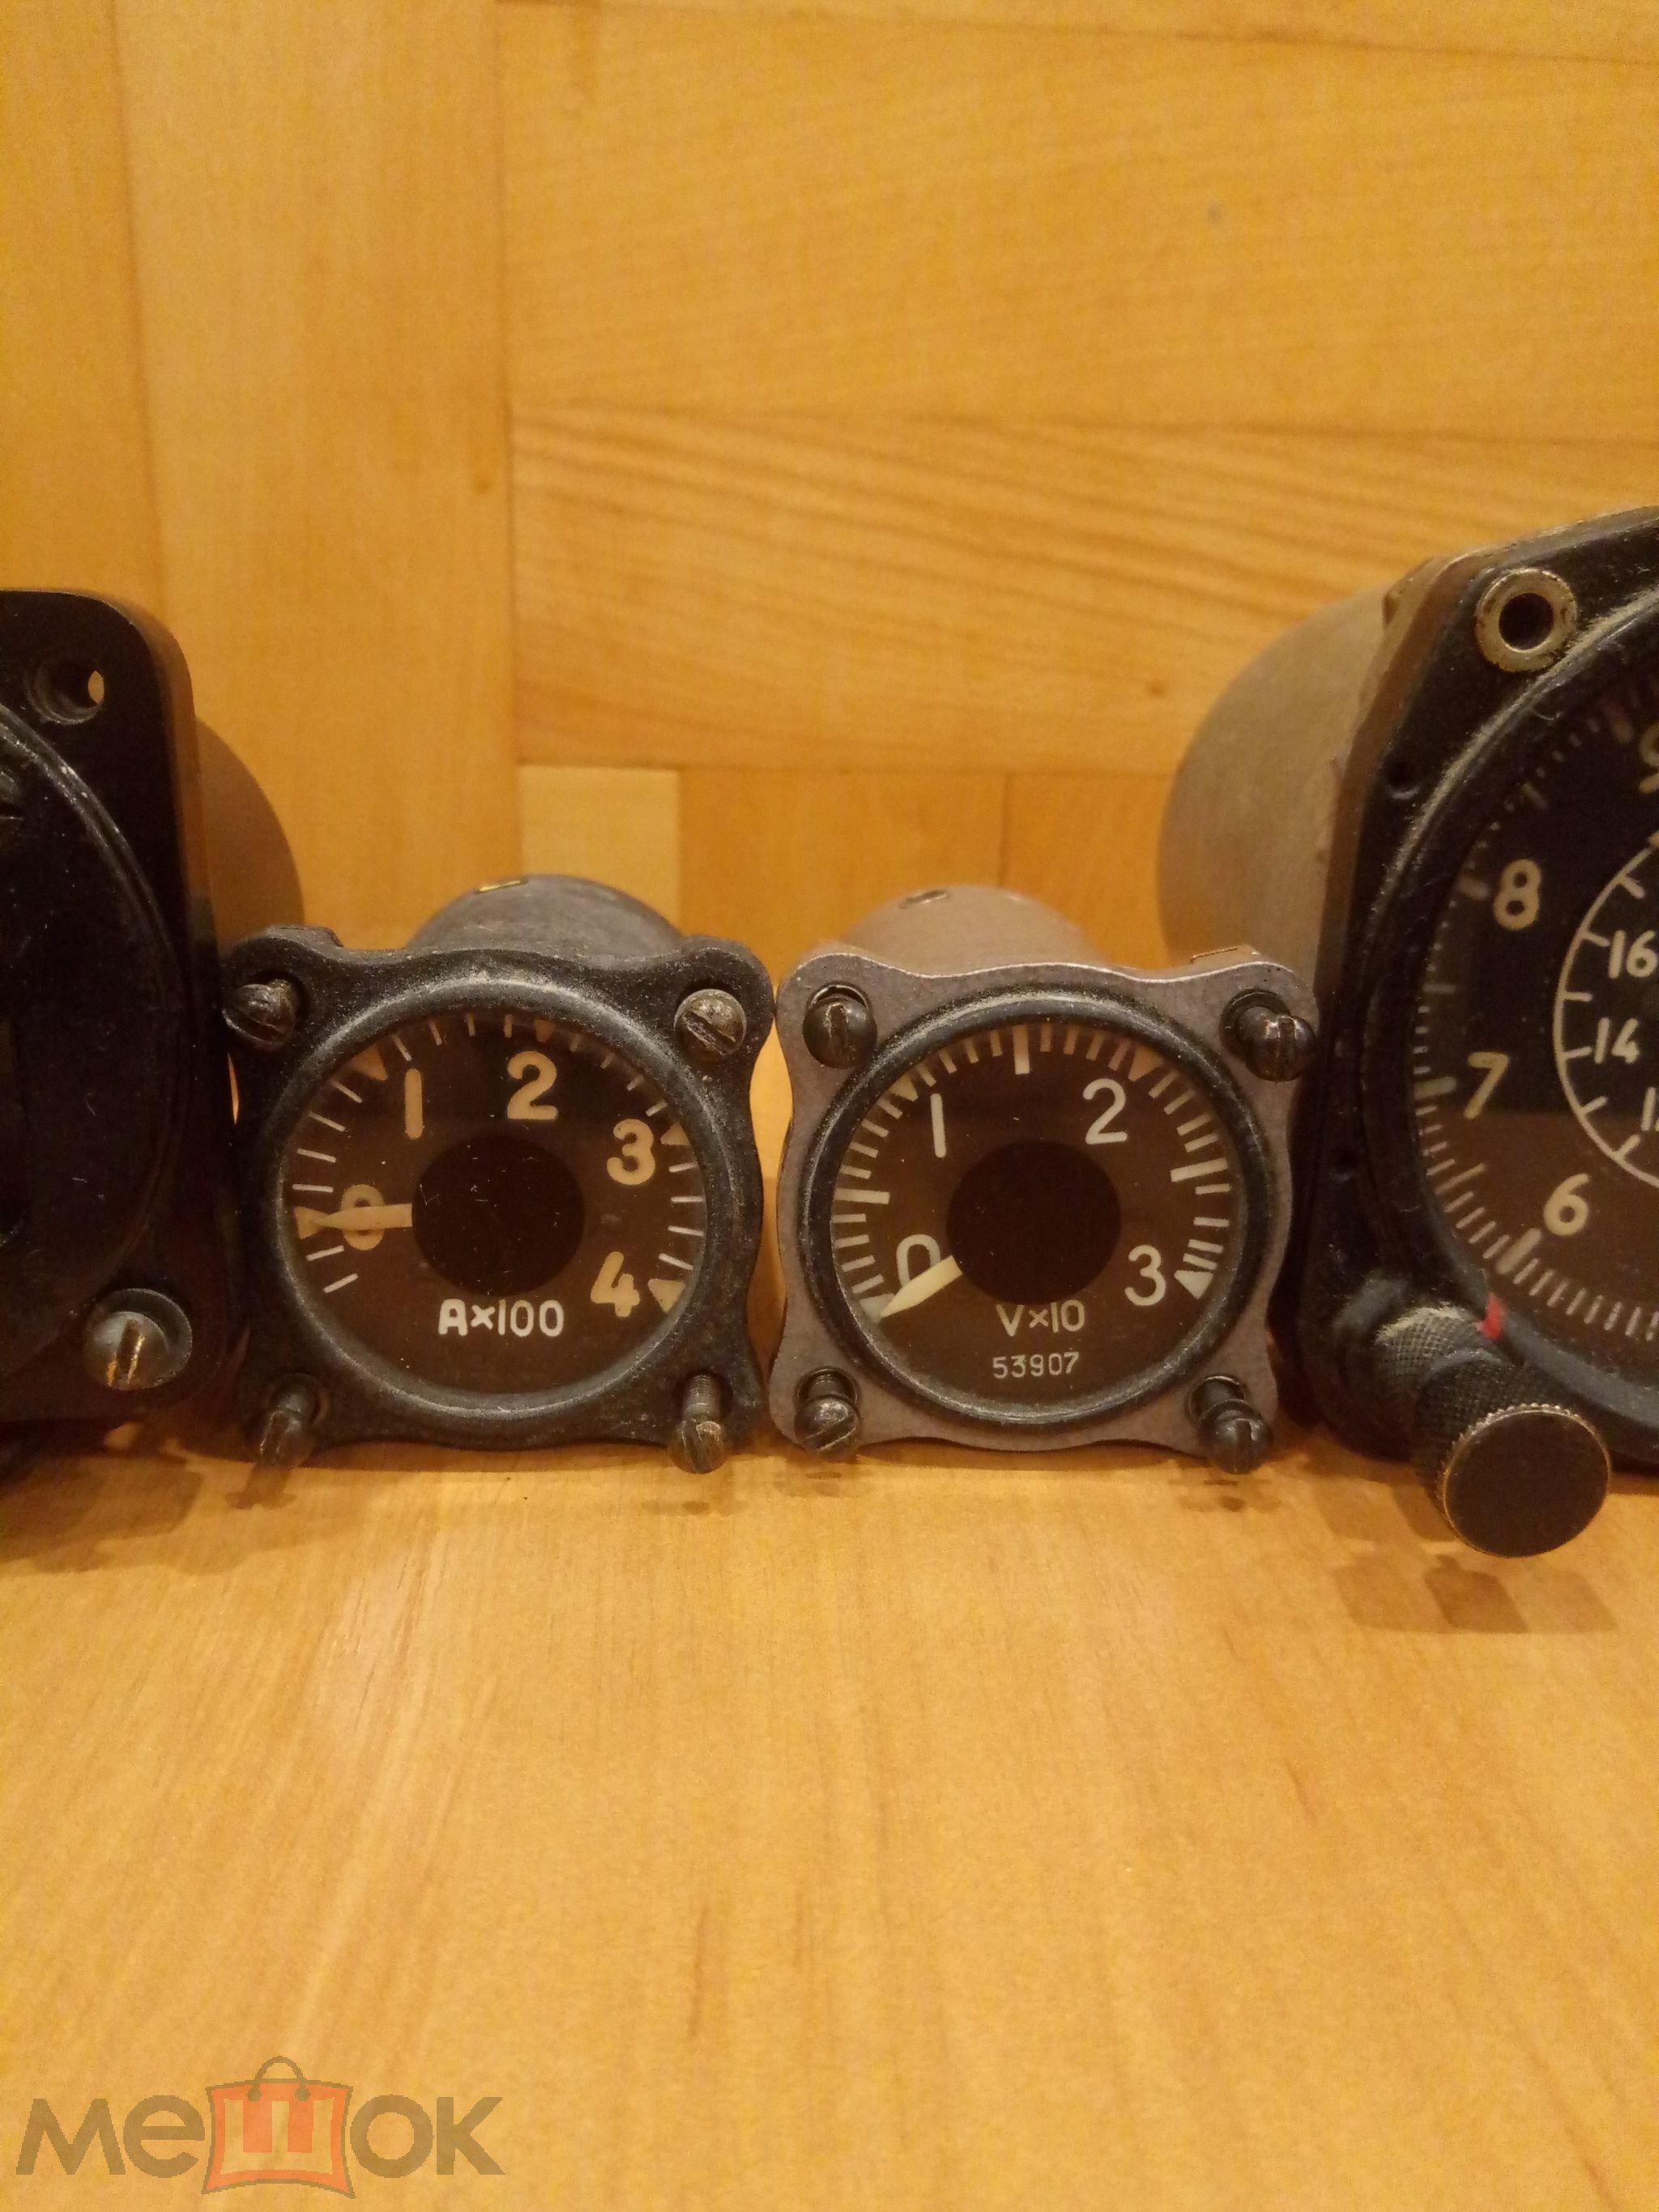 Авиационные приборы. 5 штук одним лотом. Высотомер. Вольтамперметр.Компас и др. С 1 рубля.